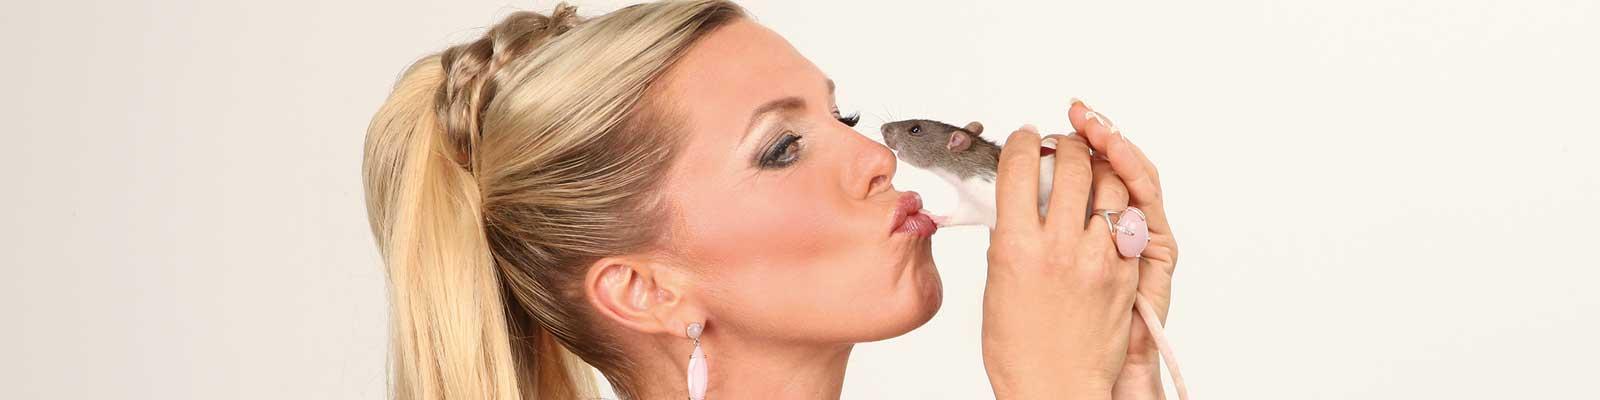 Maja Prinzessin von Hohenzollern Kollektion für Kleintiere und Nager, Bild 4